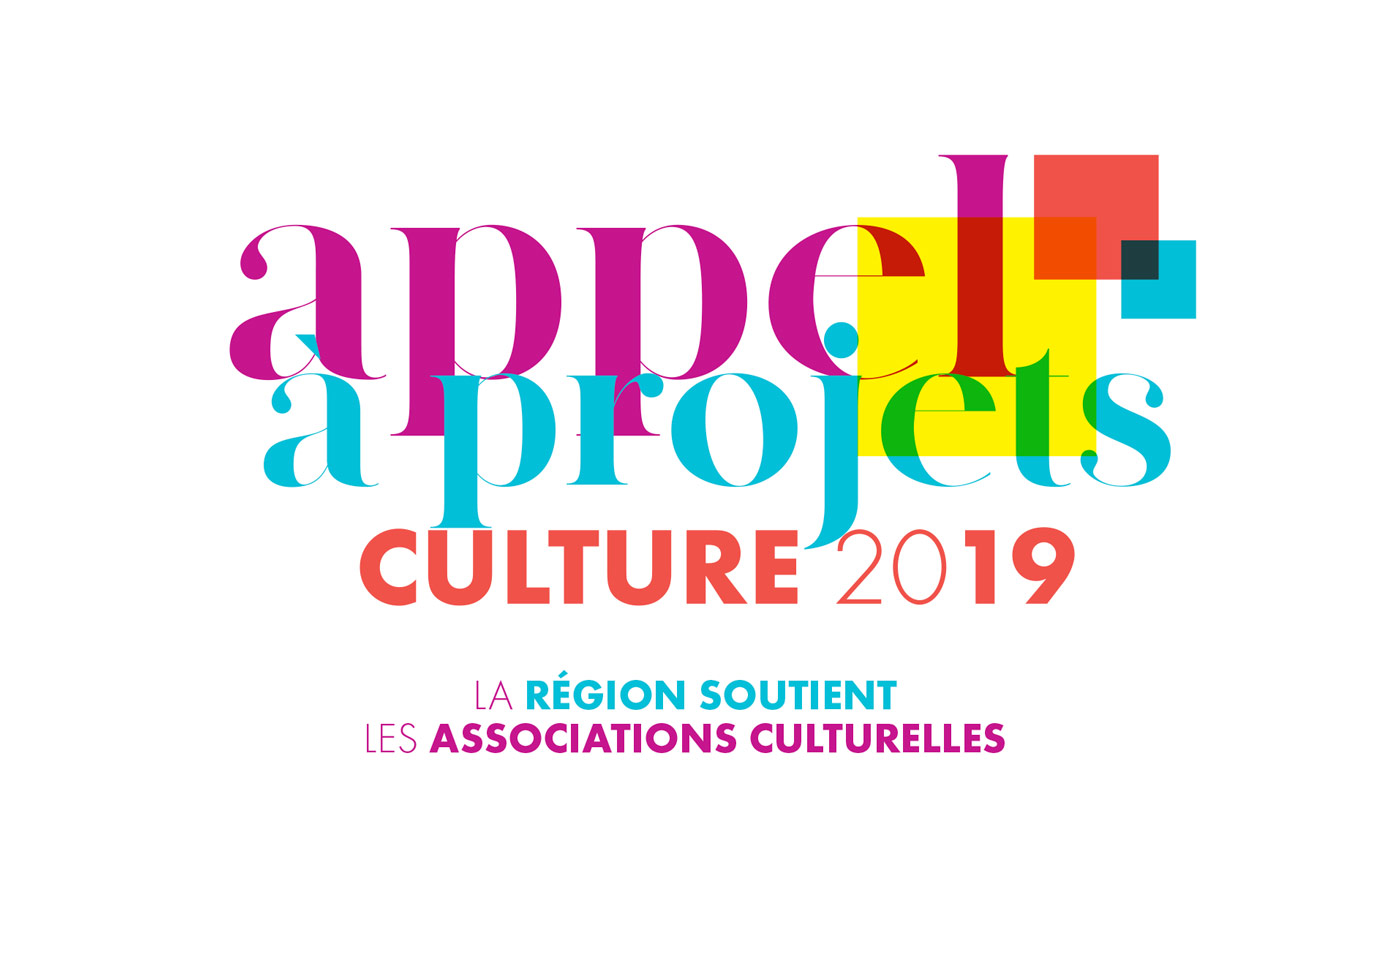 Appel à projets Culture 2019